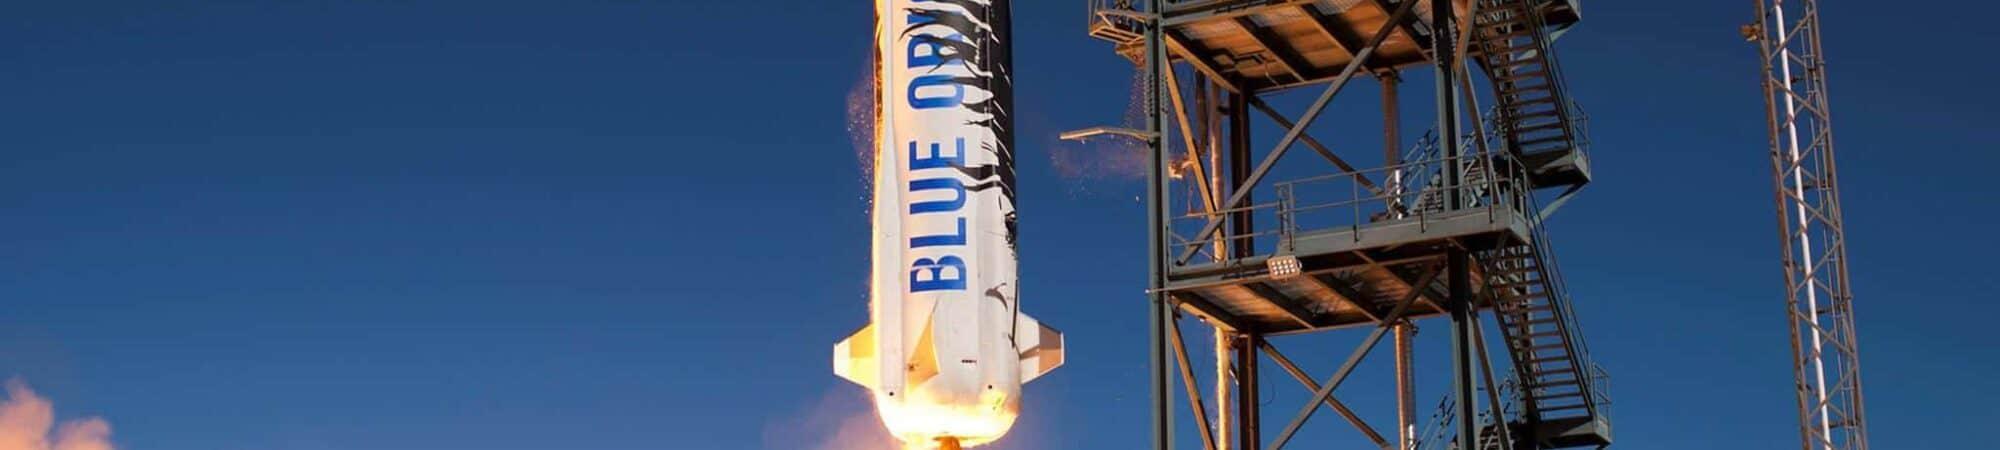 Decolagem de um foguete New Shepard da base da Blue Origin no oeste do Texas